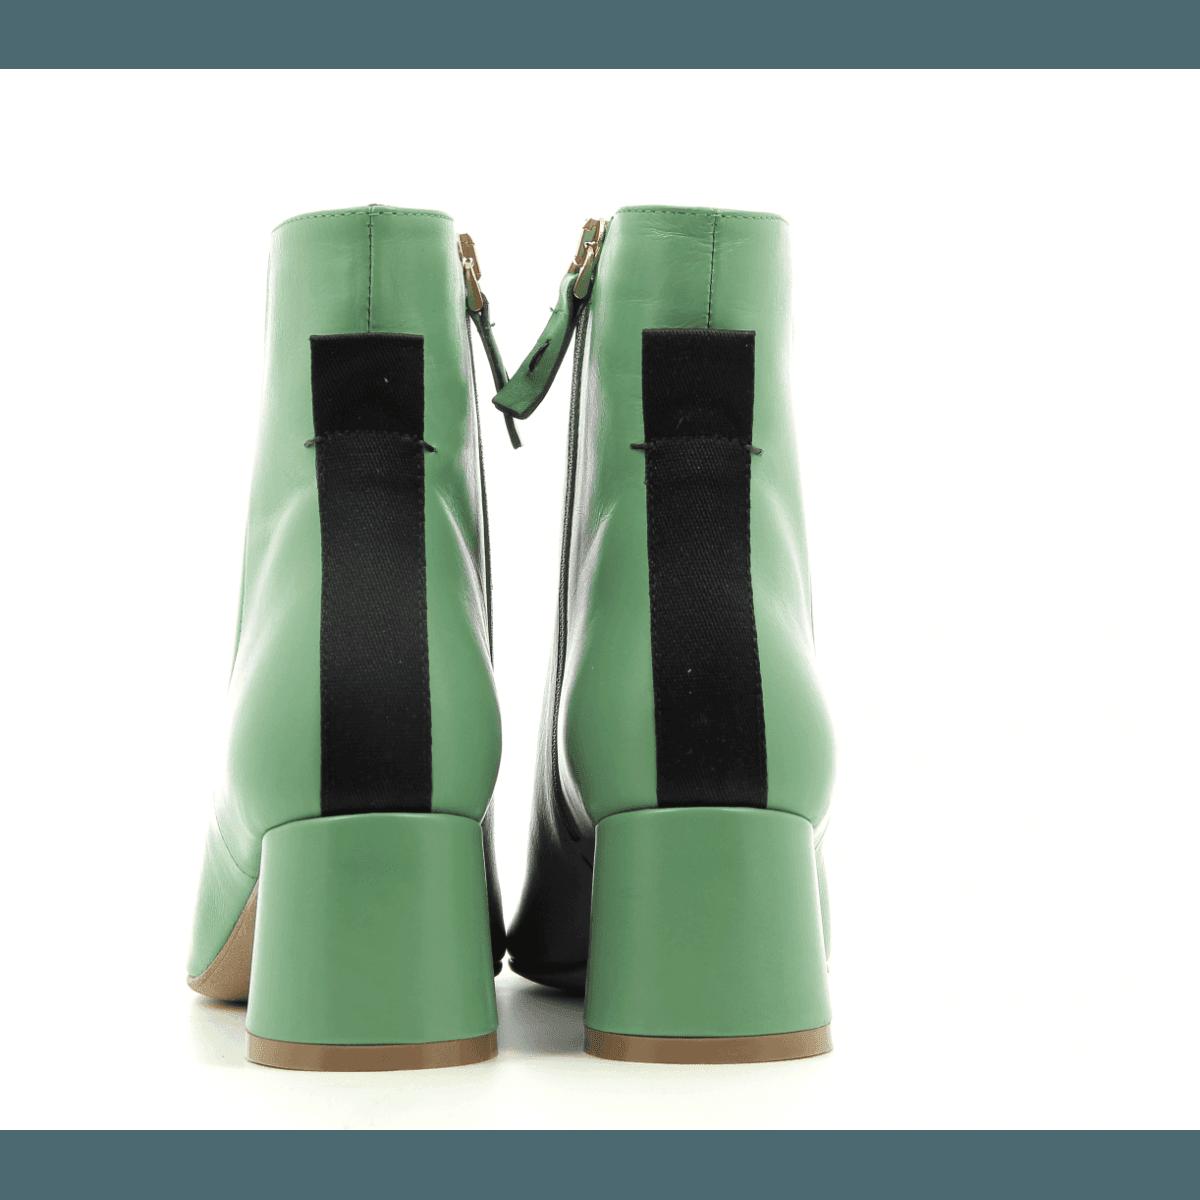 Bottines à talon en cuir vert B3494 - Garrice collection